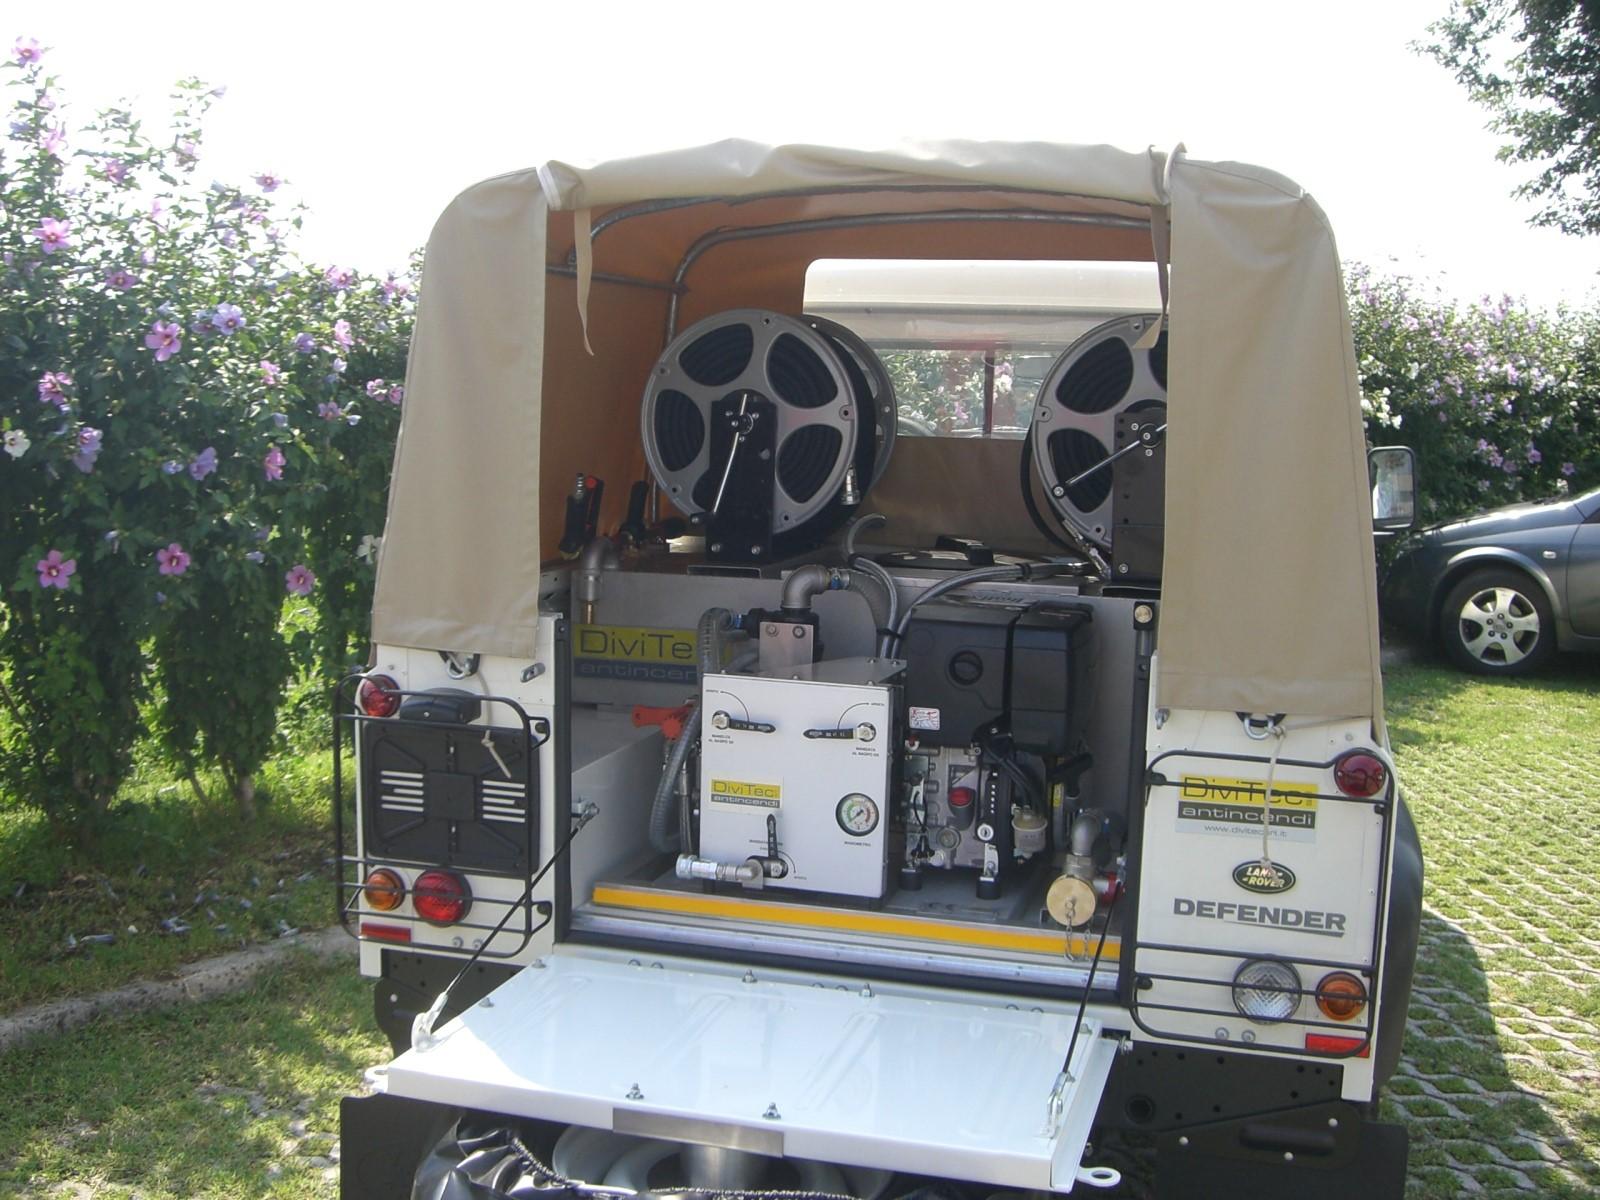 Modulo antincendio dt-280-td diesel